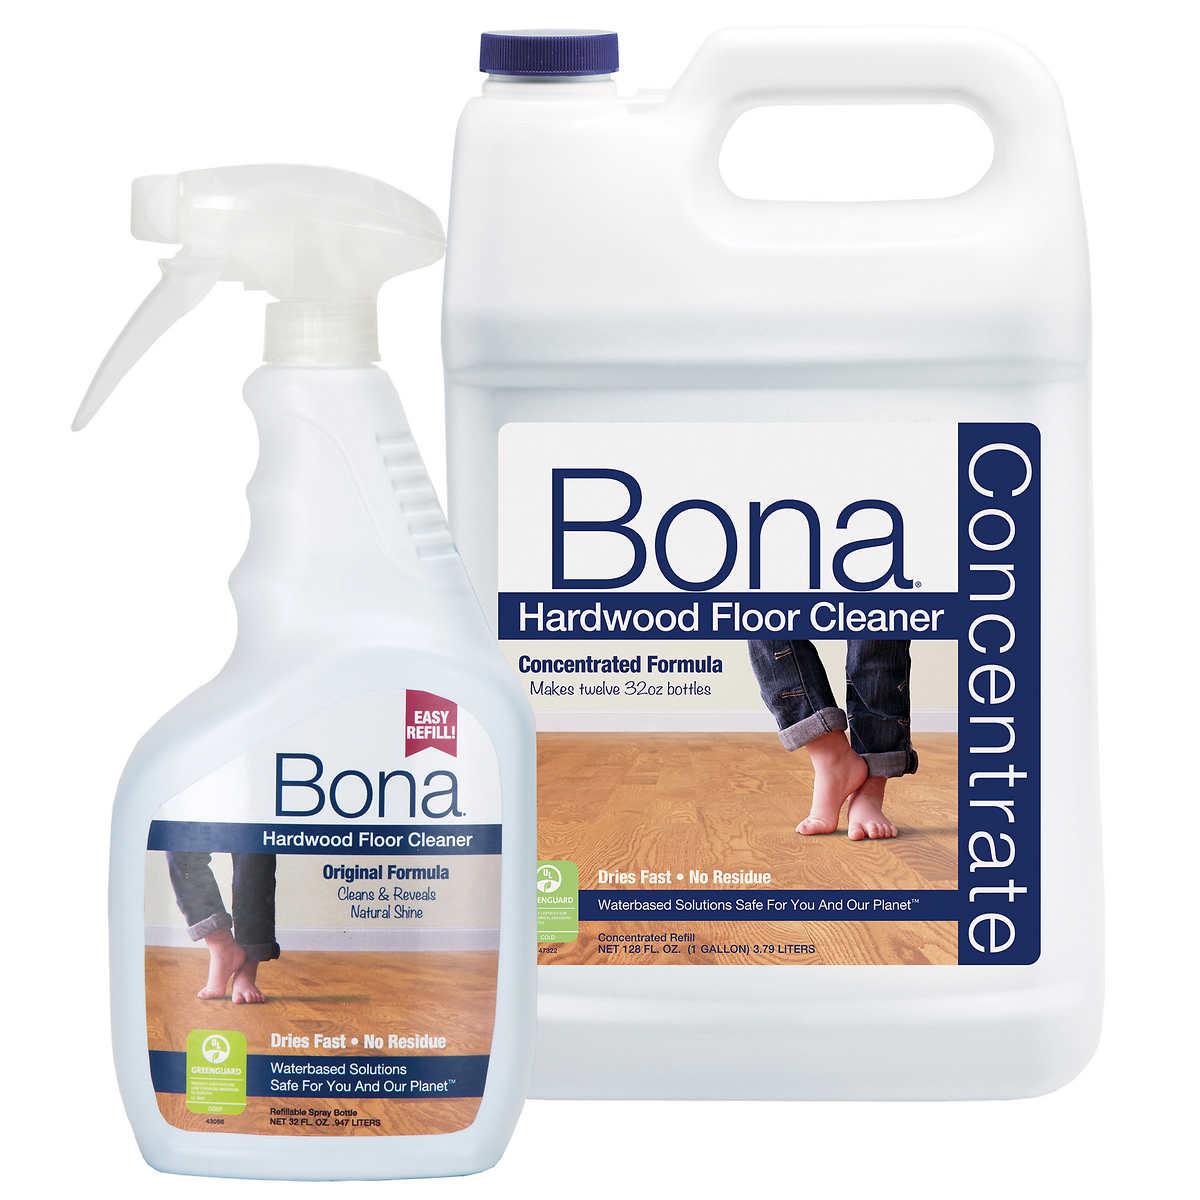 Bona Hardwood Floor Cleaner Original 32 Fl Oz 128 Concentrated Formula Refill